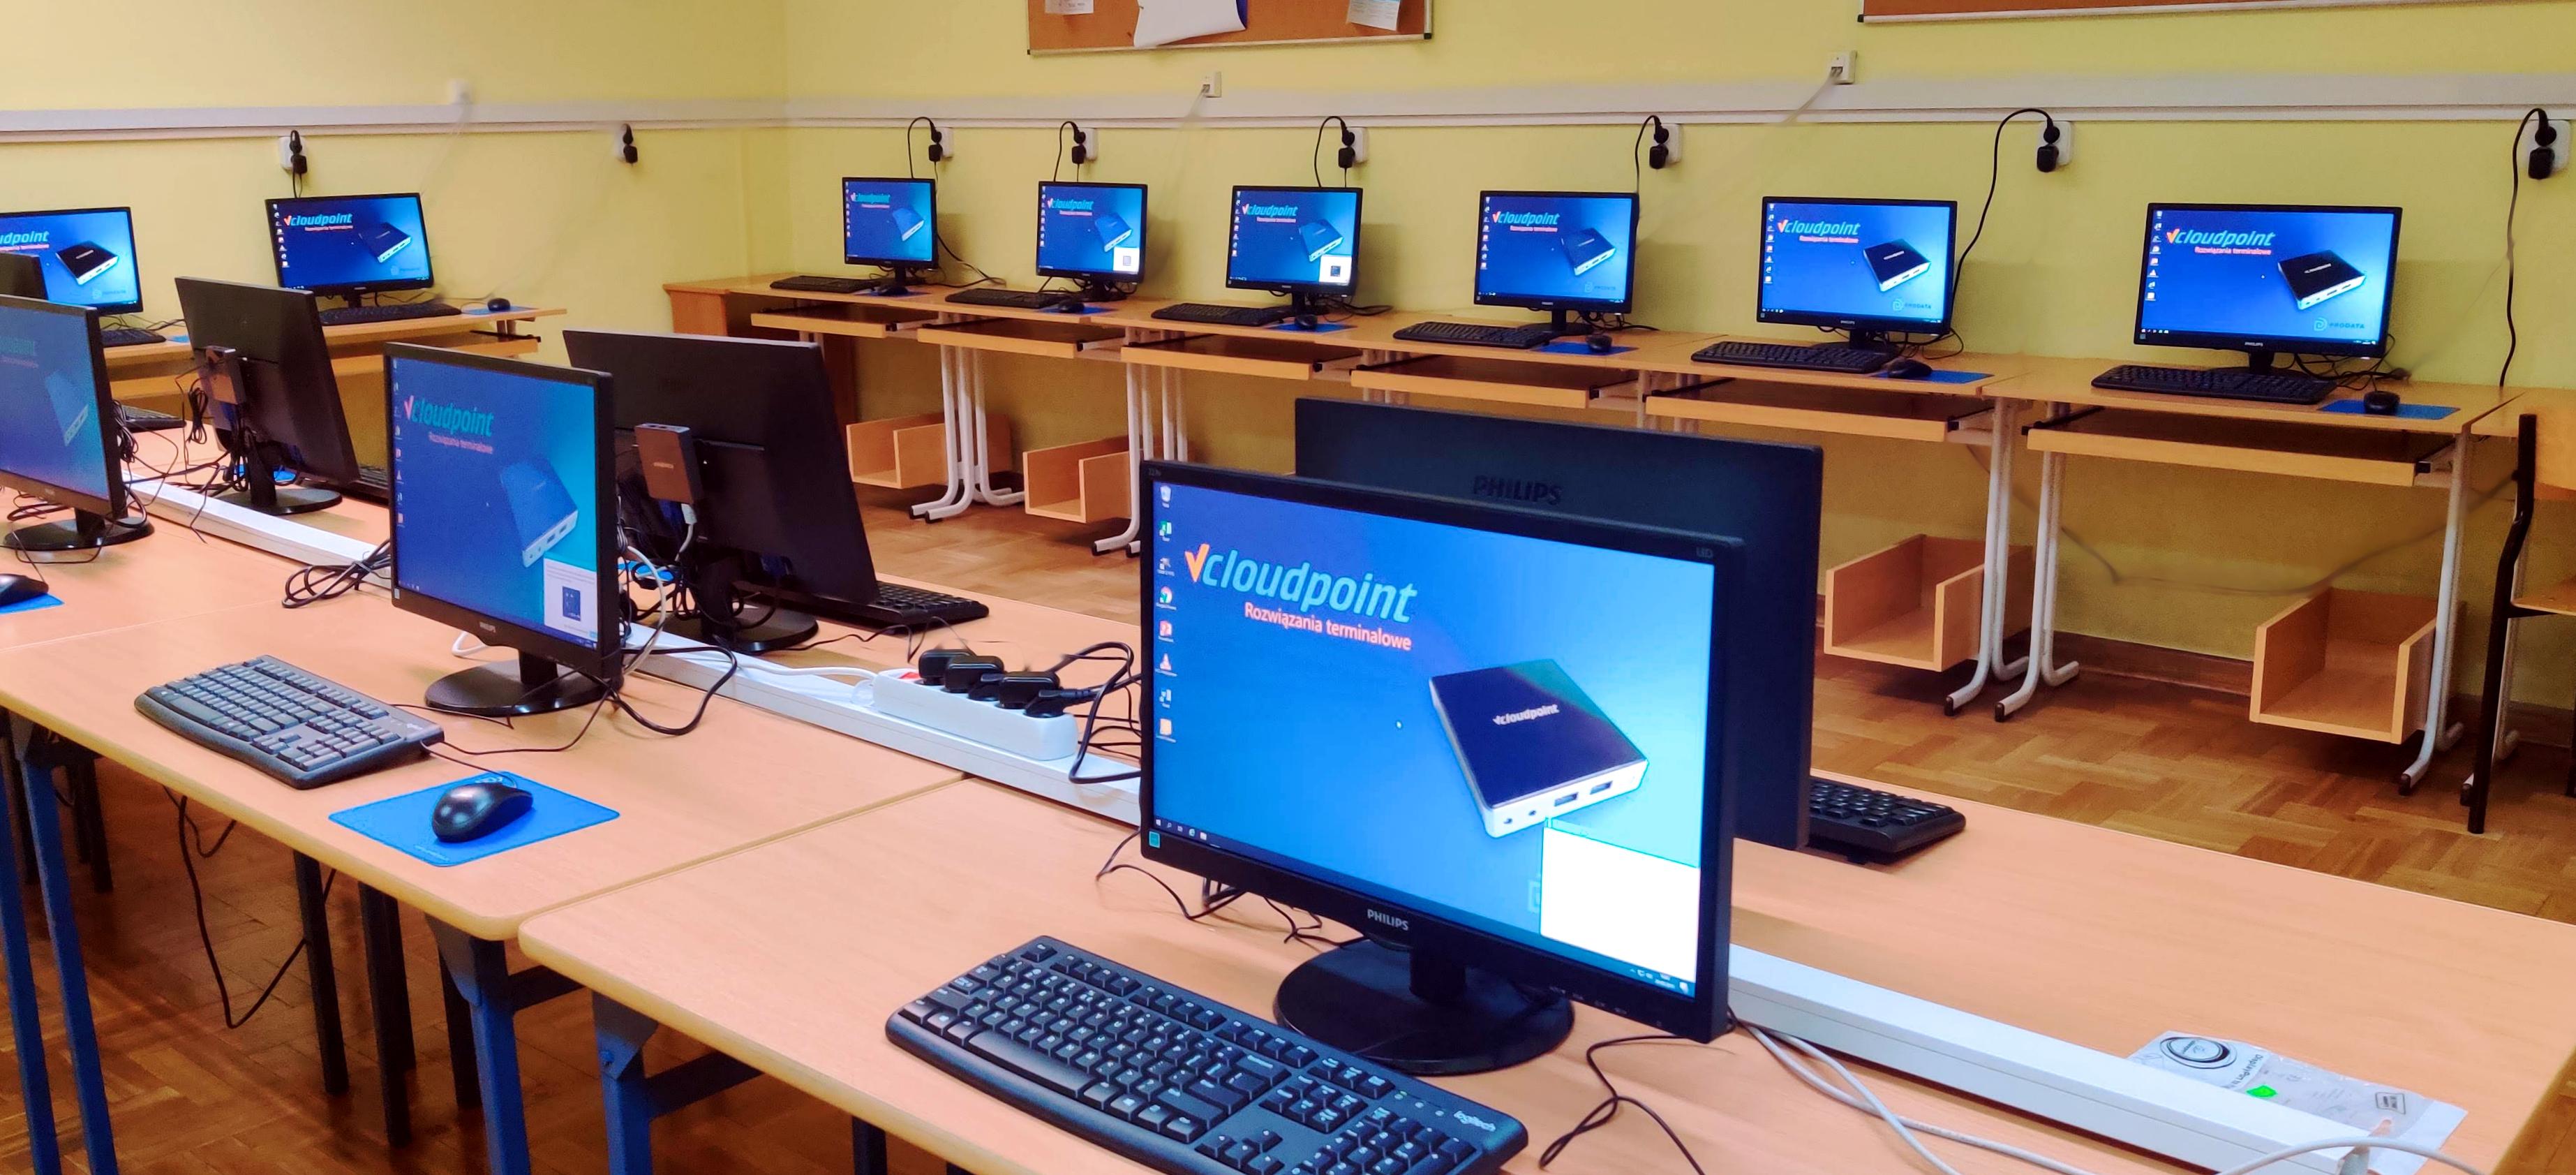 Pracownia informatyczna - terminalowa pracownia komputerowa w szkole podstawowej w Łochowie